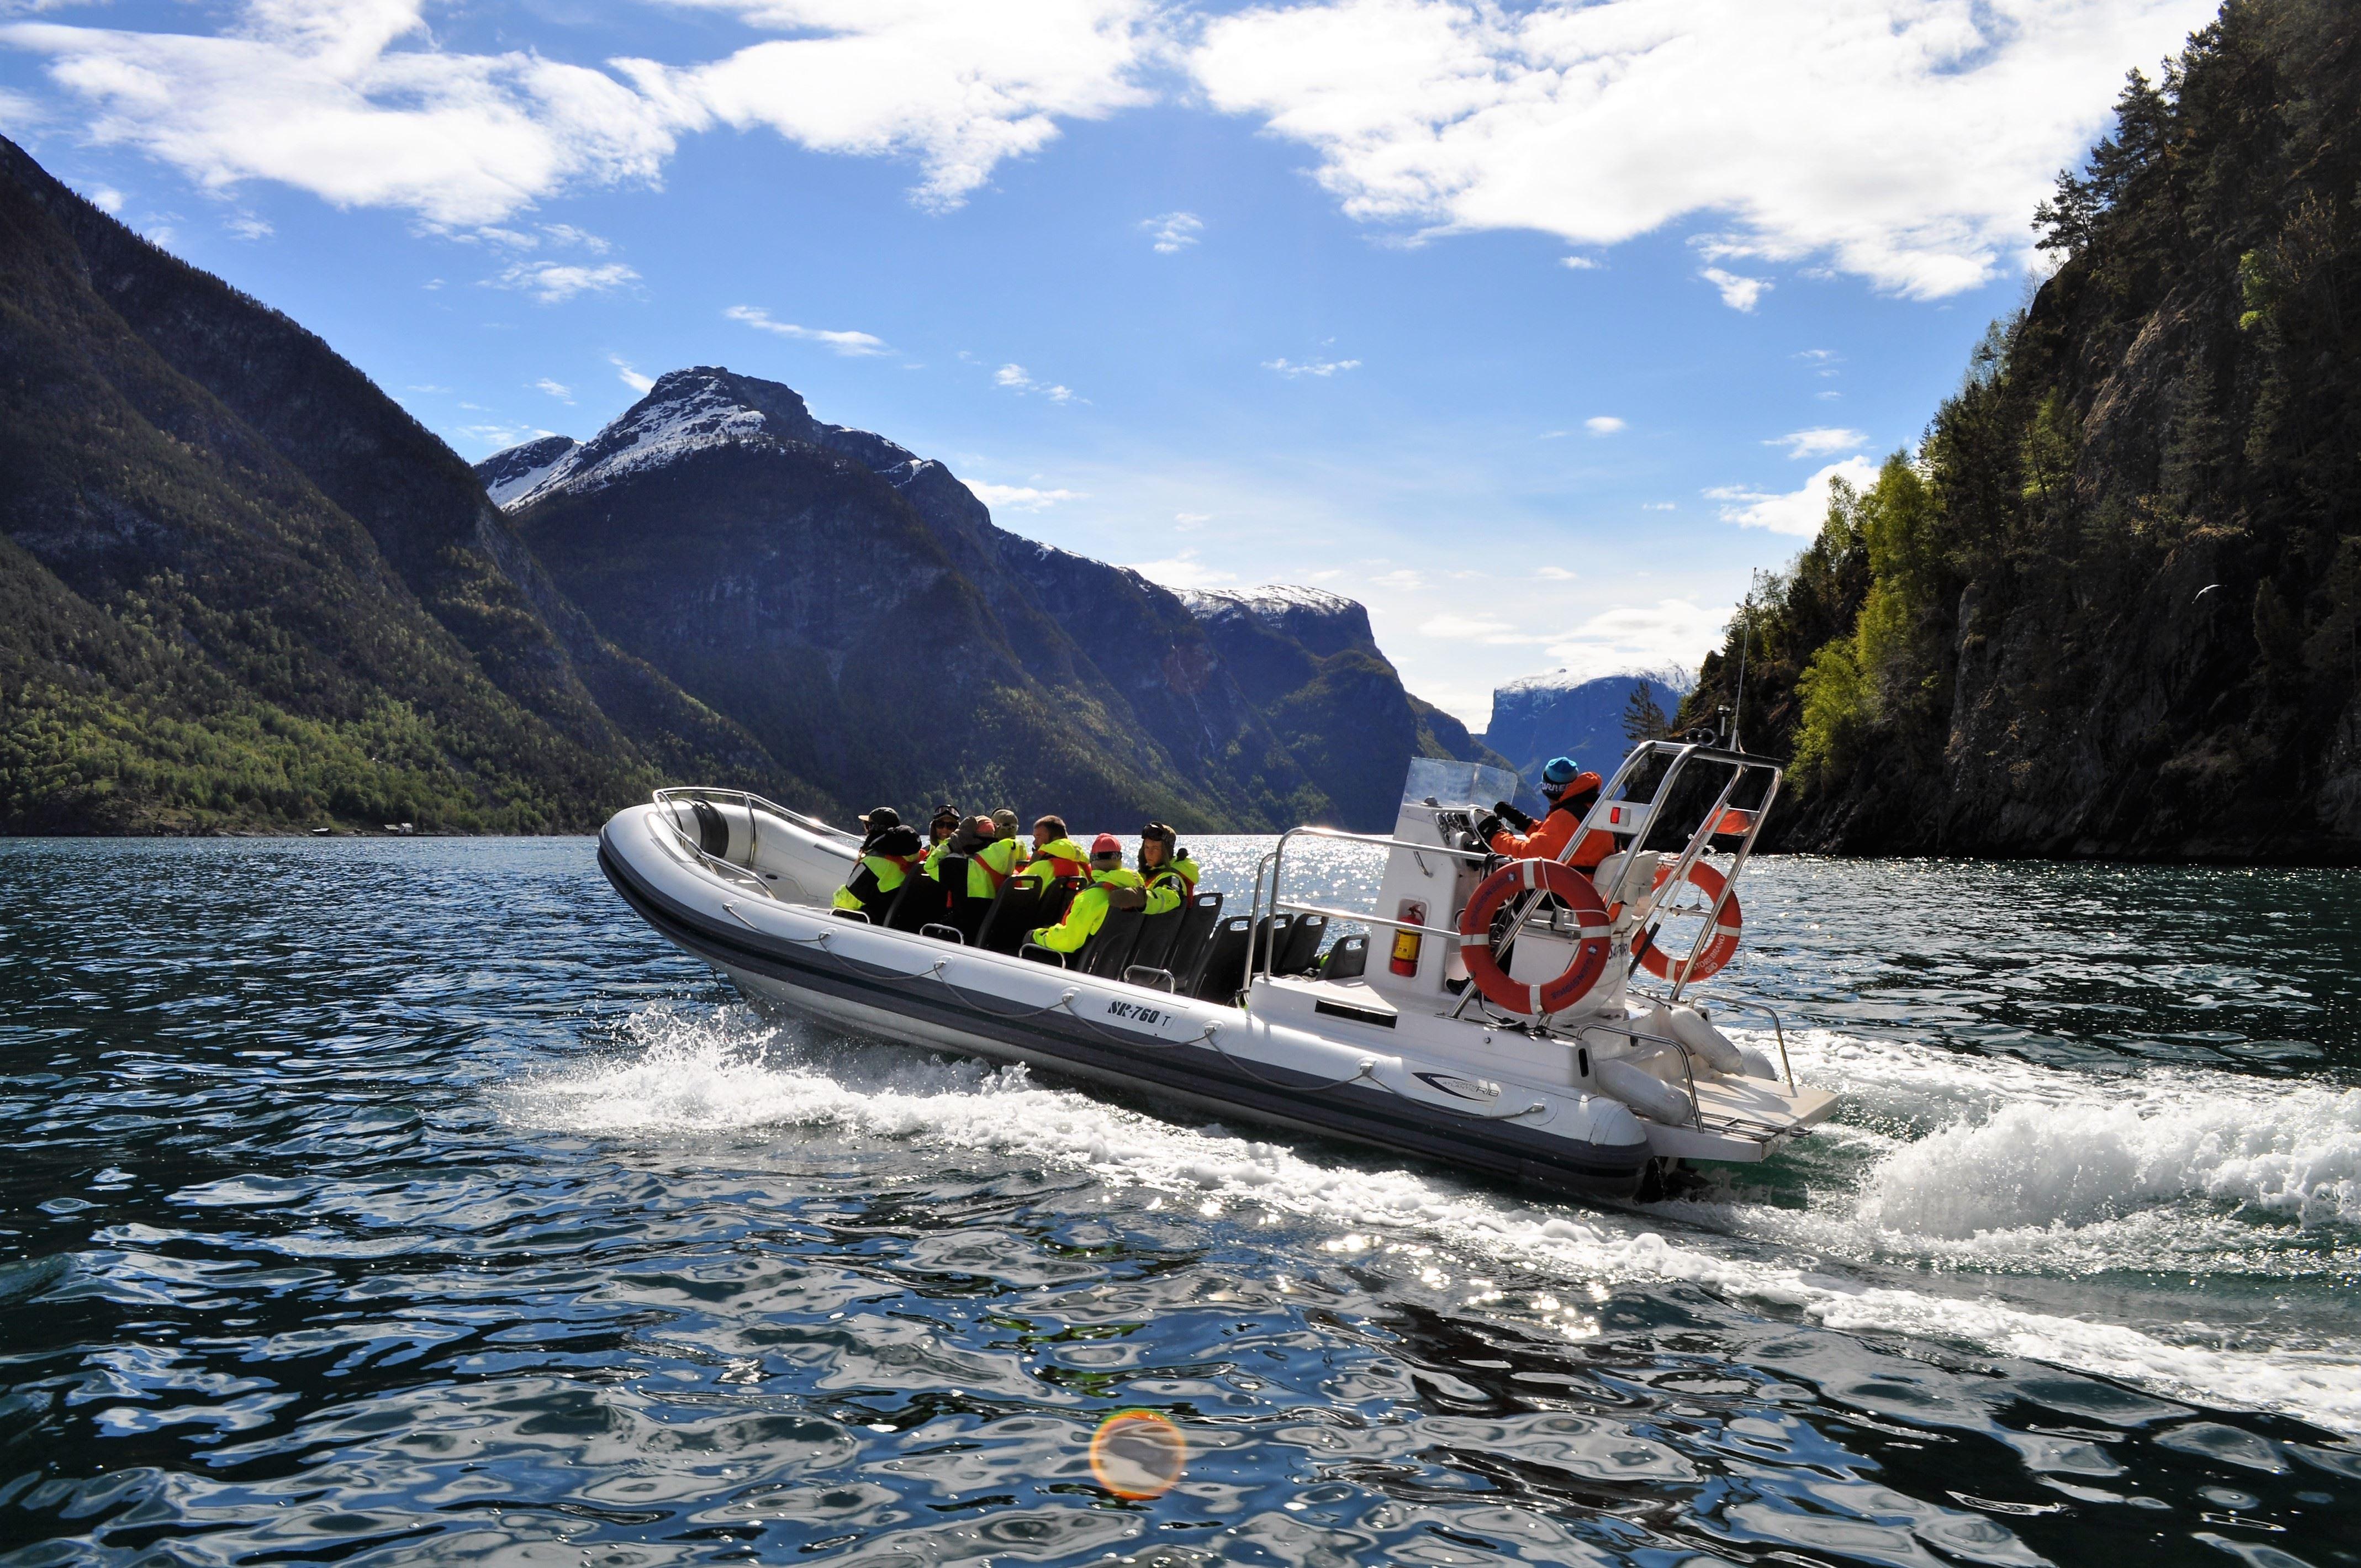 © Kristin Daviknes, Heritage FjordSafari og heilaften på Ægir BryggeriPub